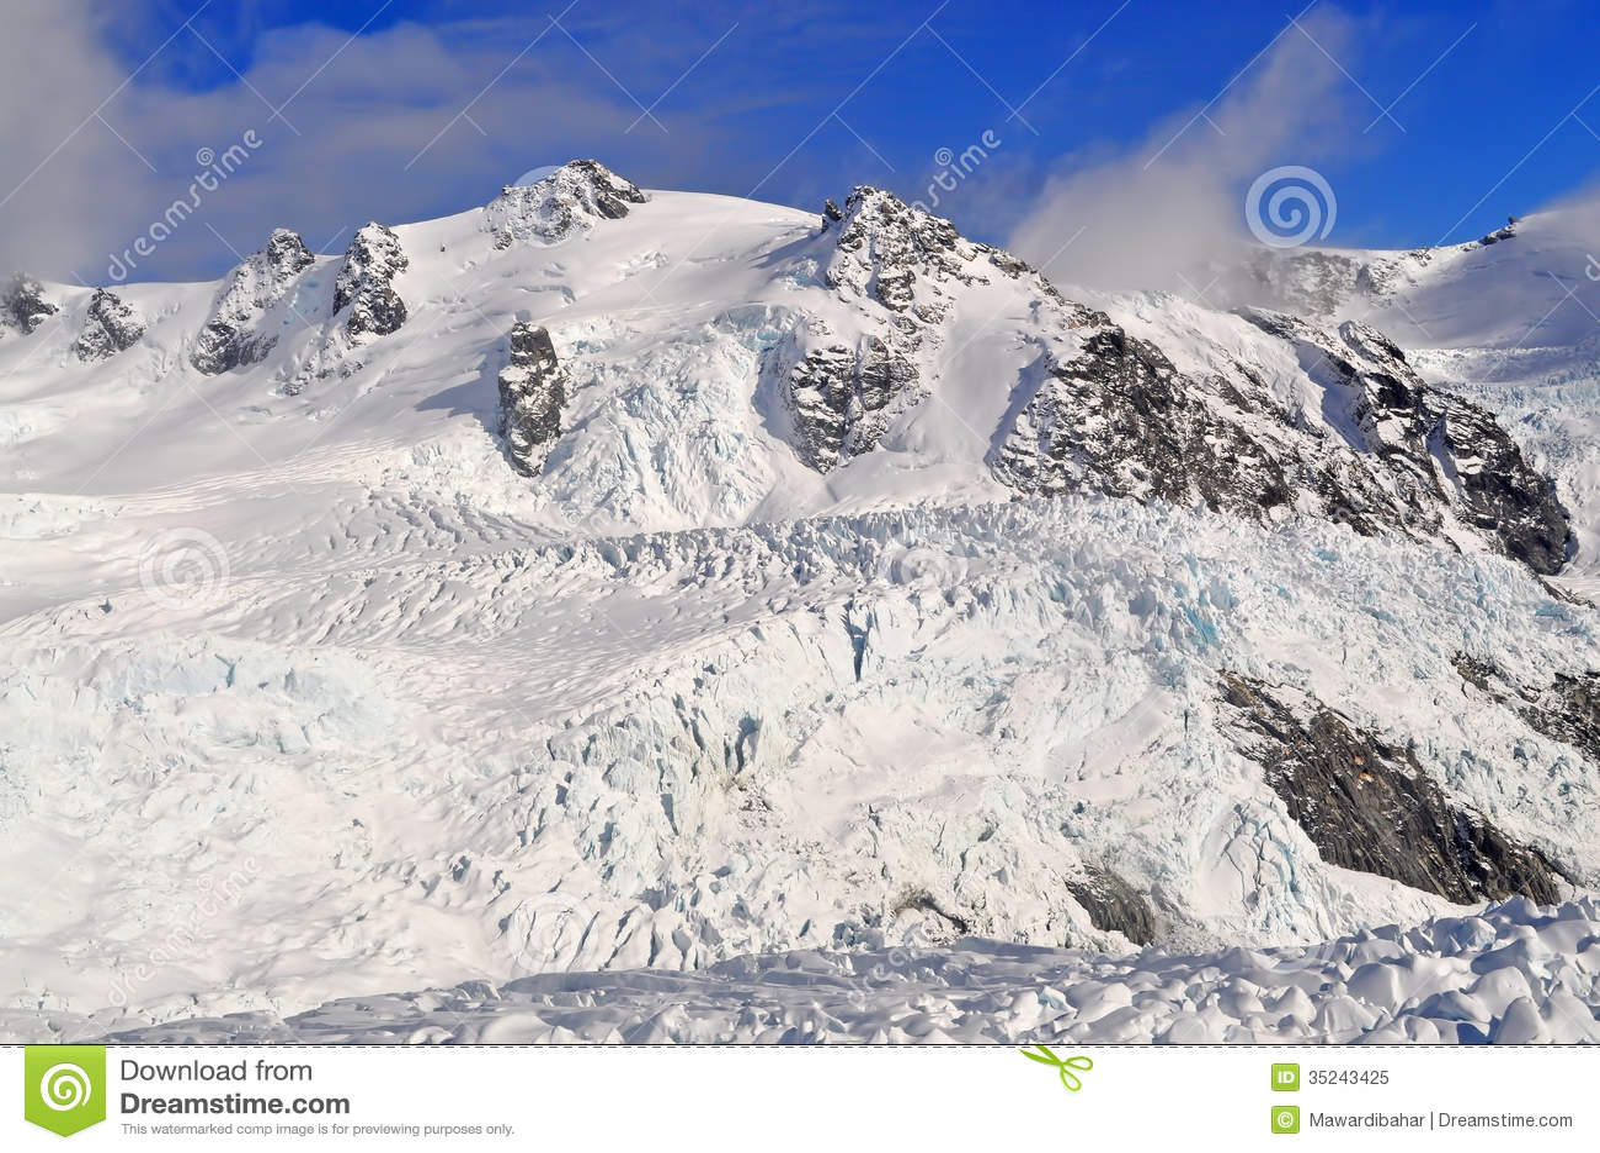 Ice Mountain Ice Mountain Video